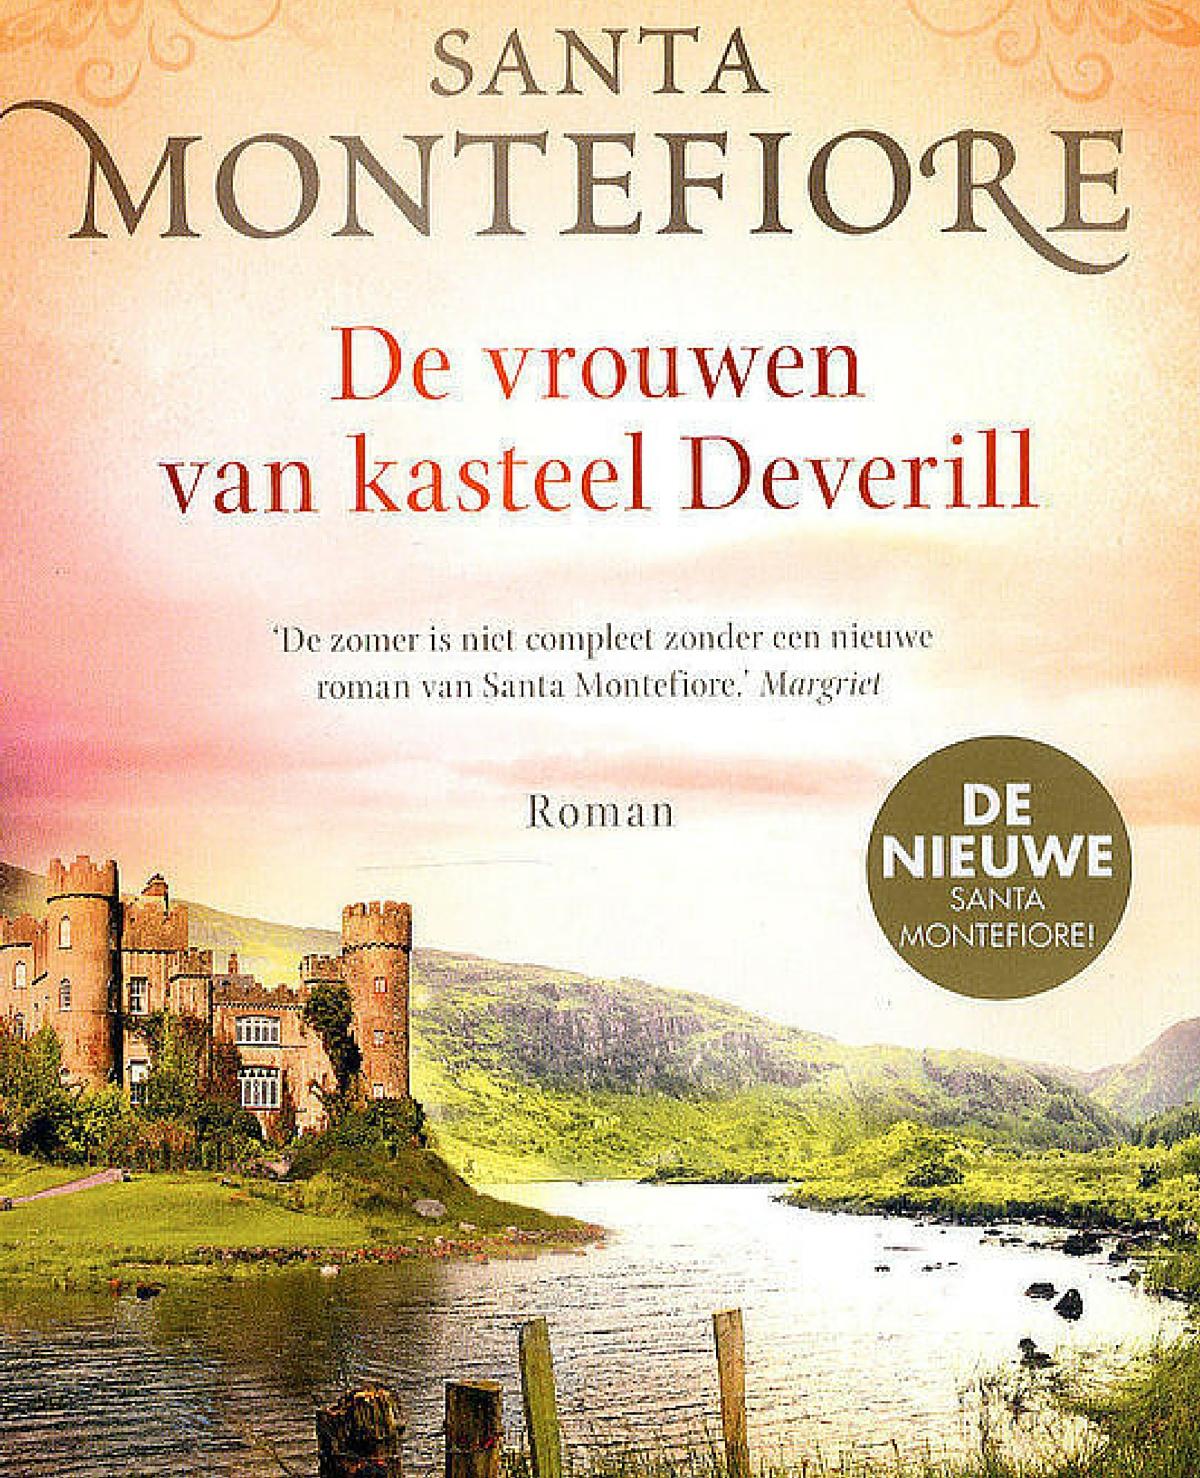 Win deel 1 en 2 van Vrouwen van kasteel Deverill van Santa Montefiore